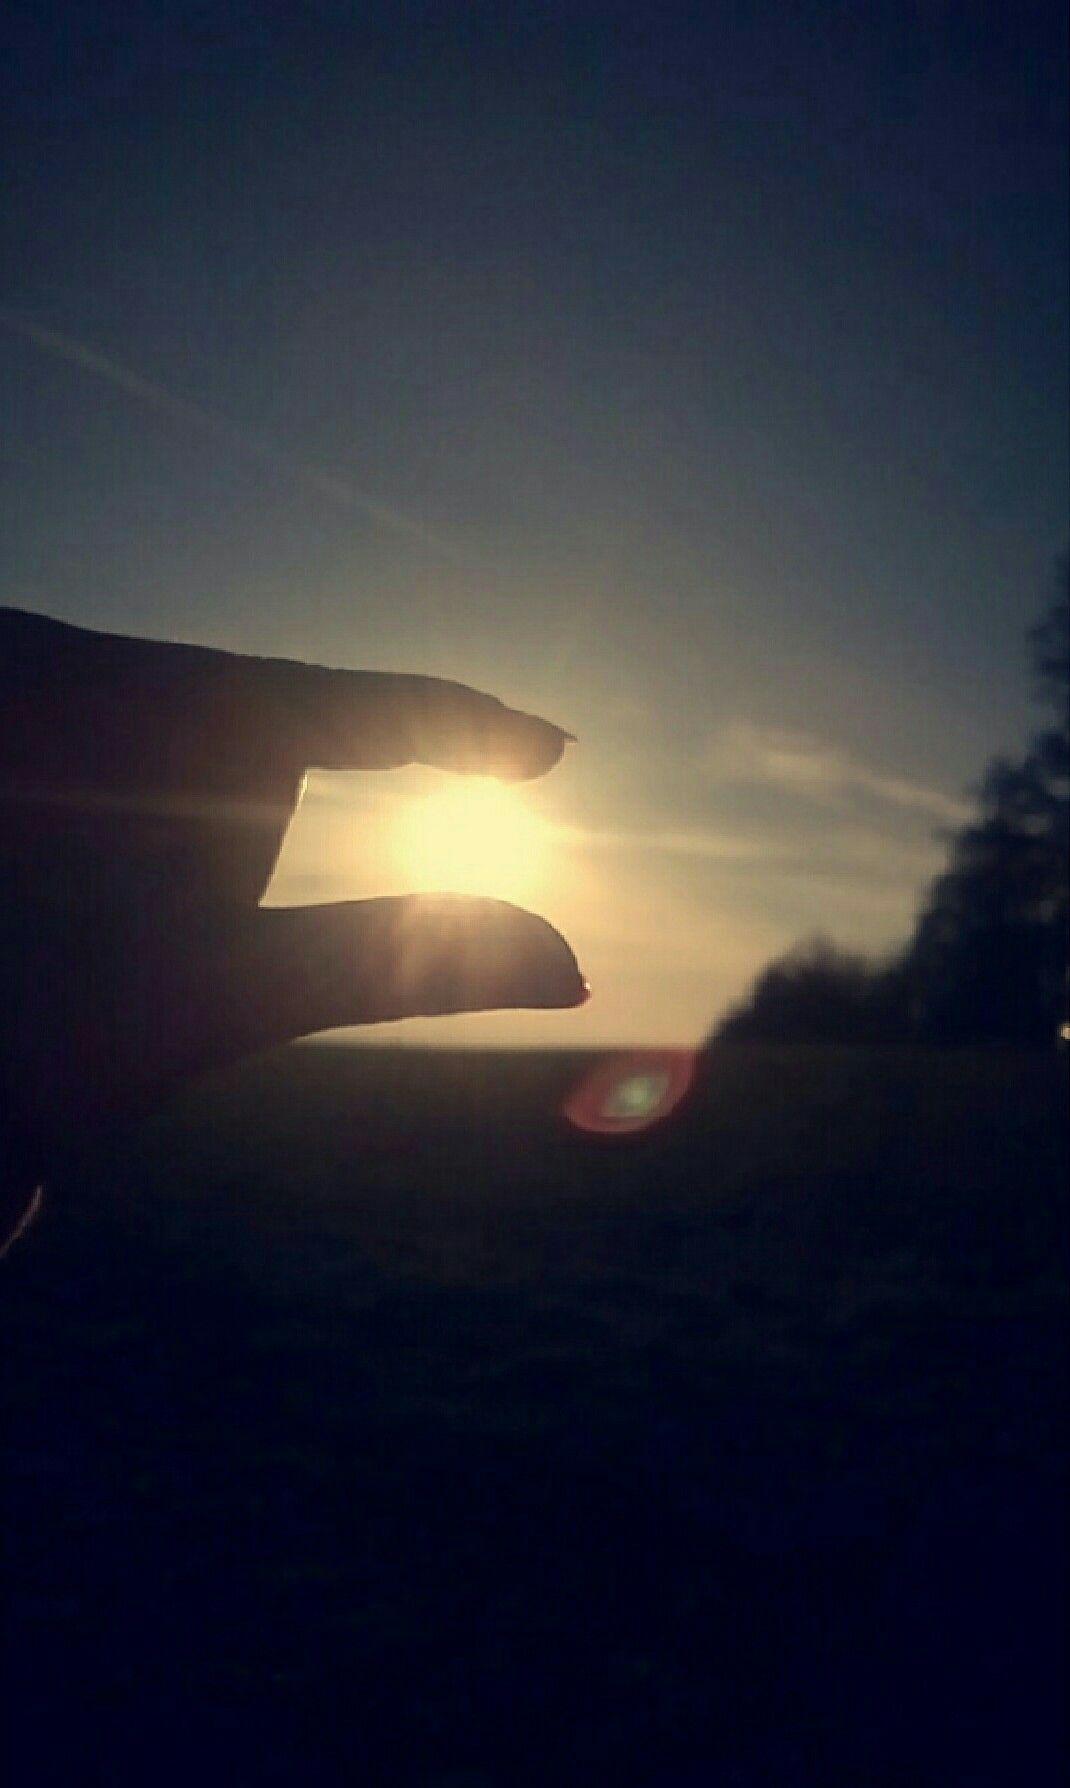 #germany #wiesbaden #sun #sky